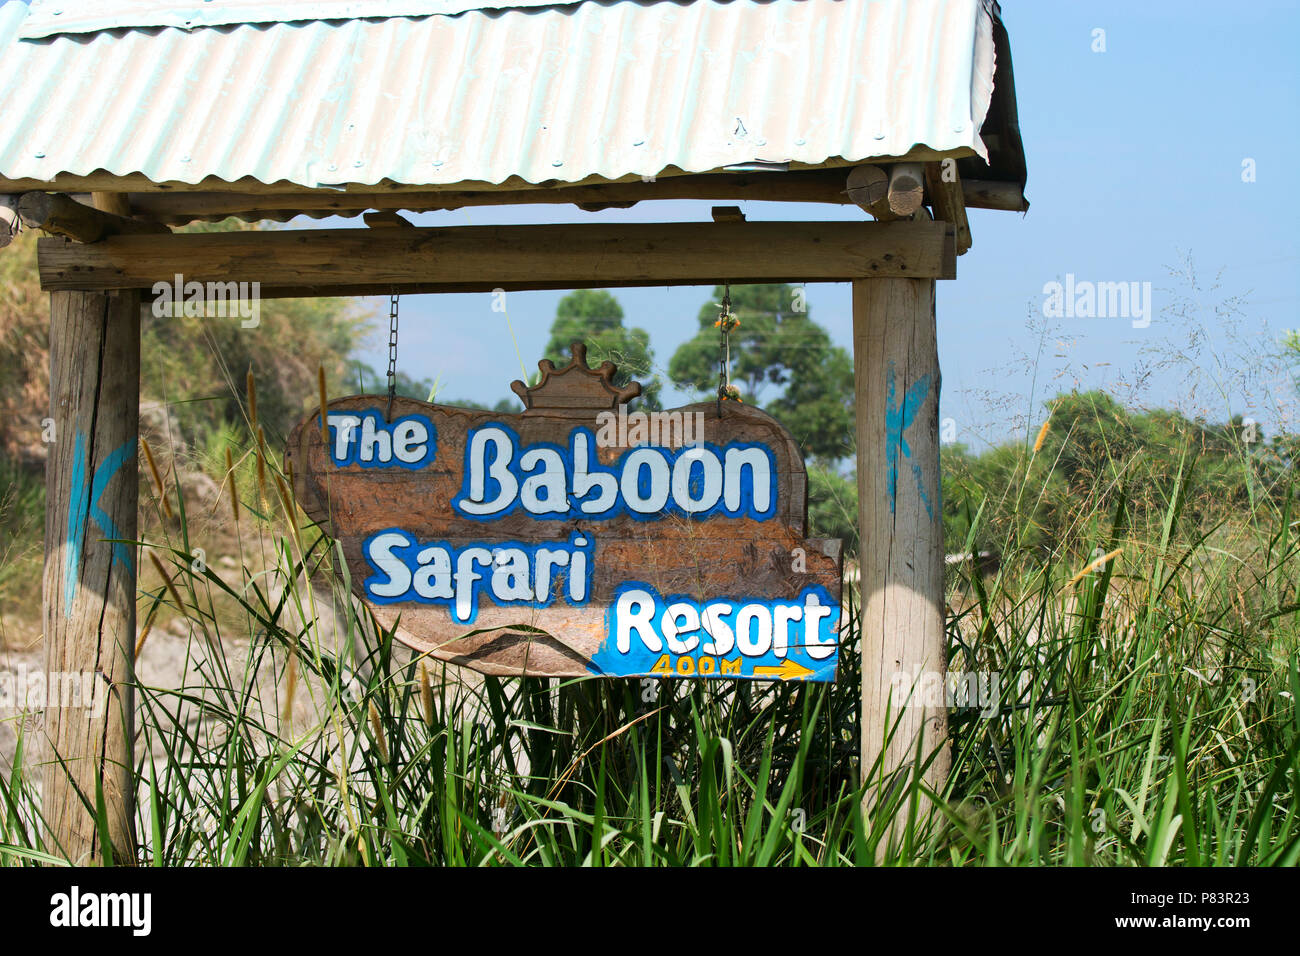 Safari Lodge, Resort, signo para el Babuino Safari Resort, el Parque Nacional Queen Elizabeth, Uganda Imagen De Stock